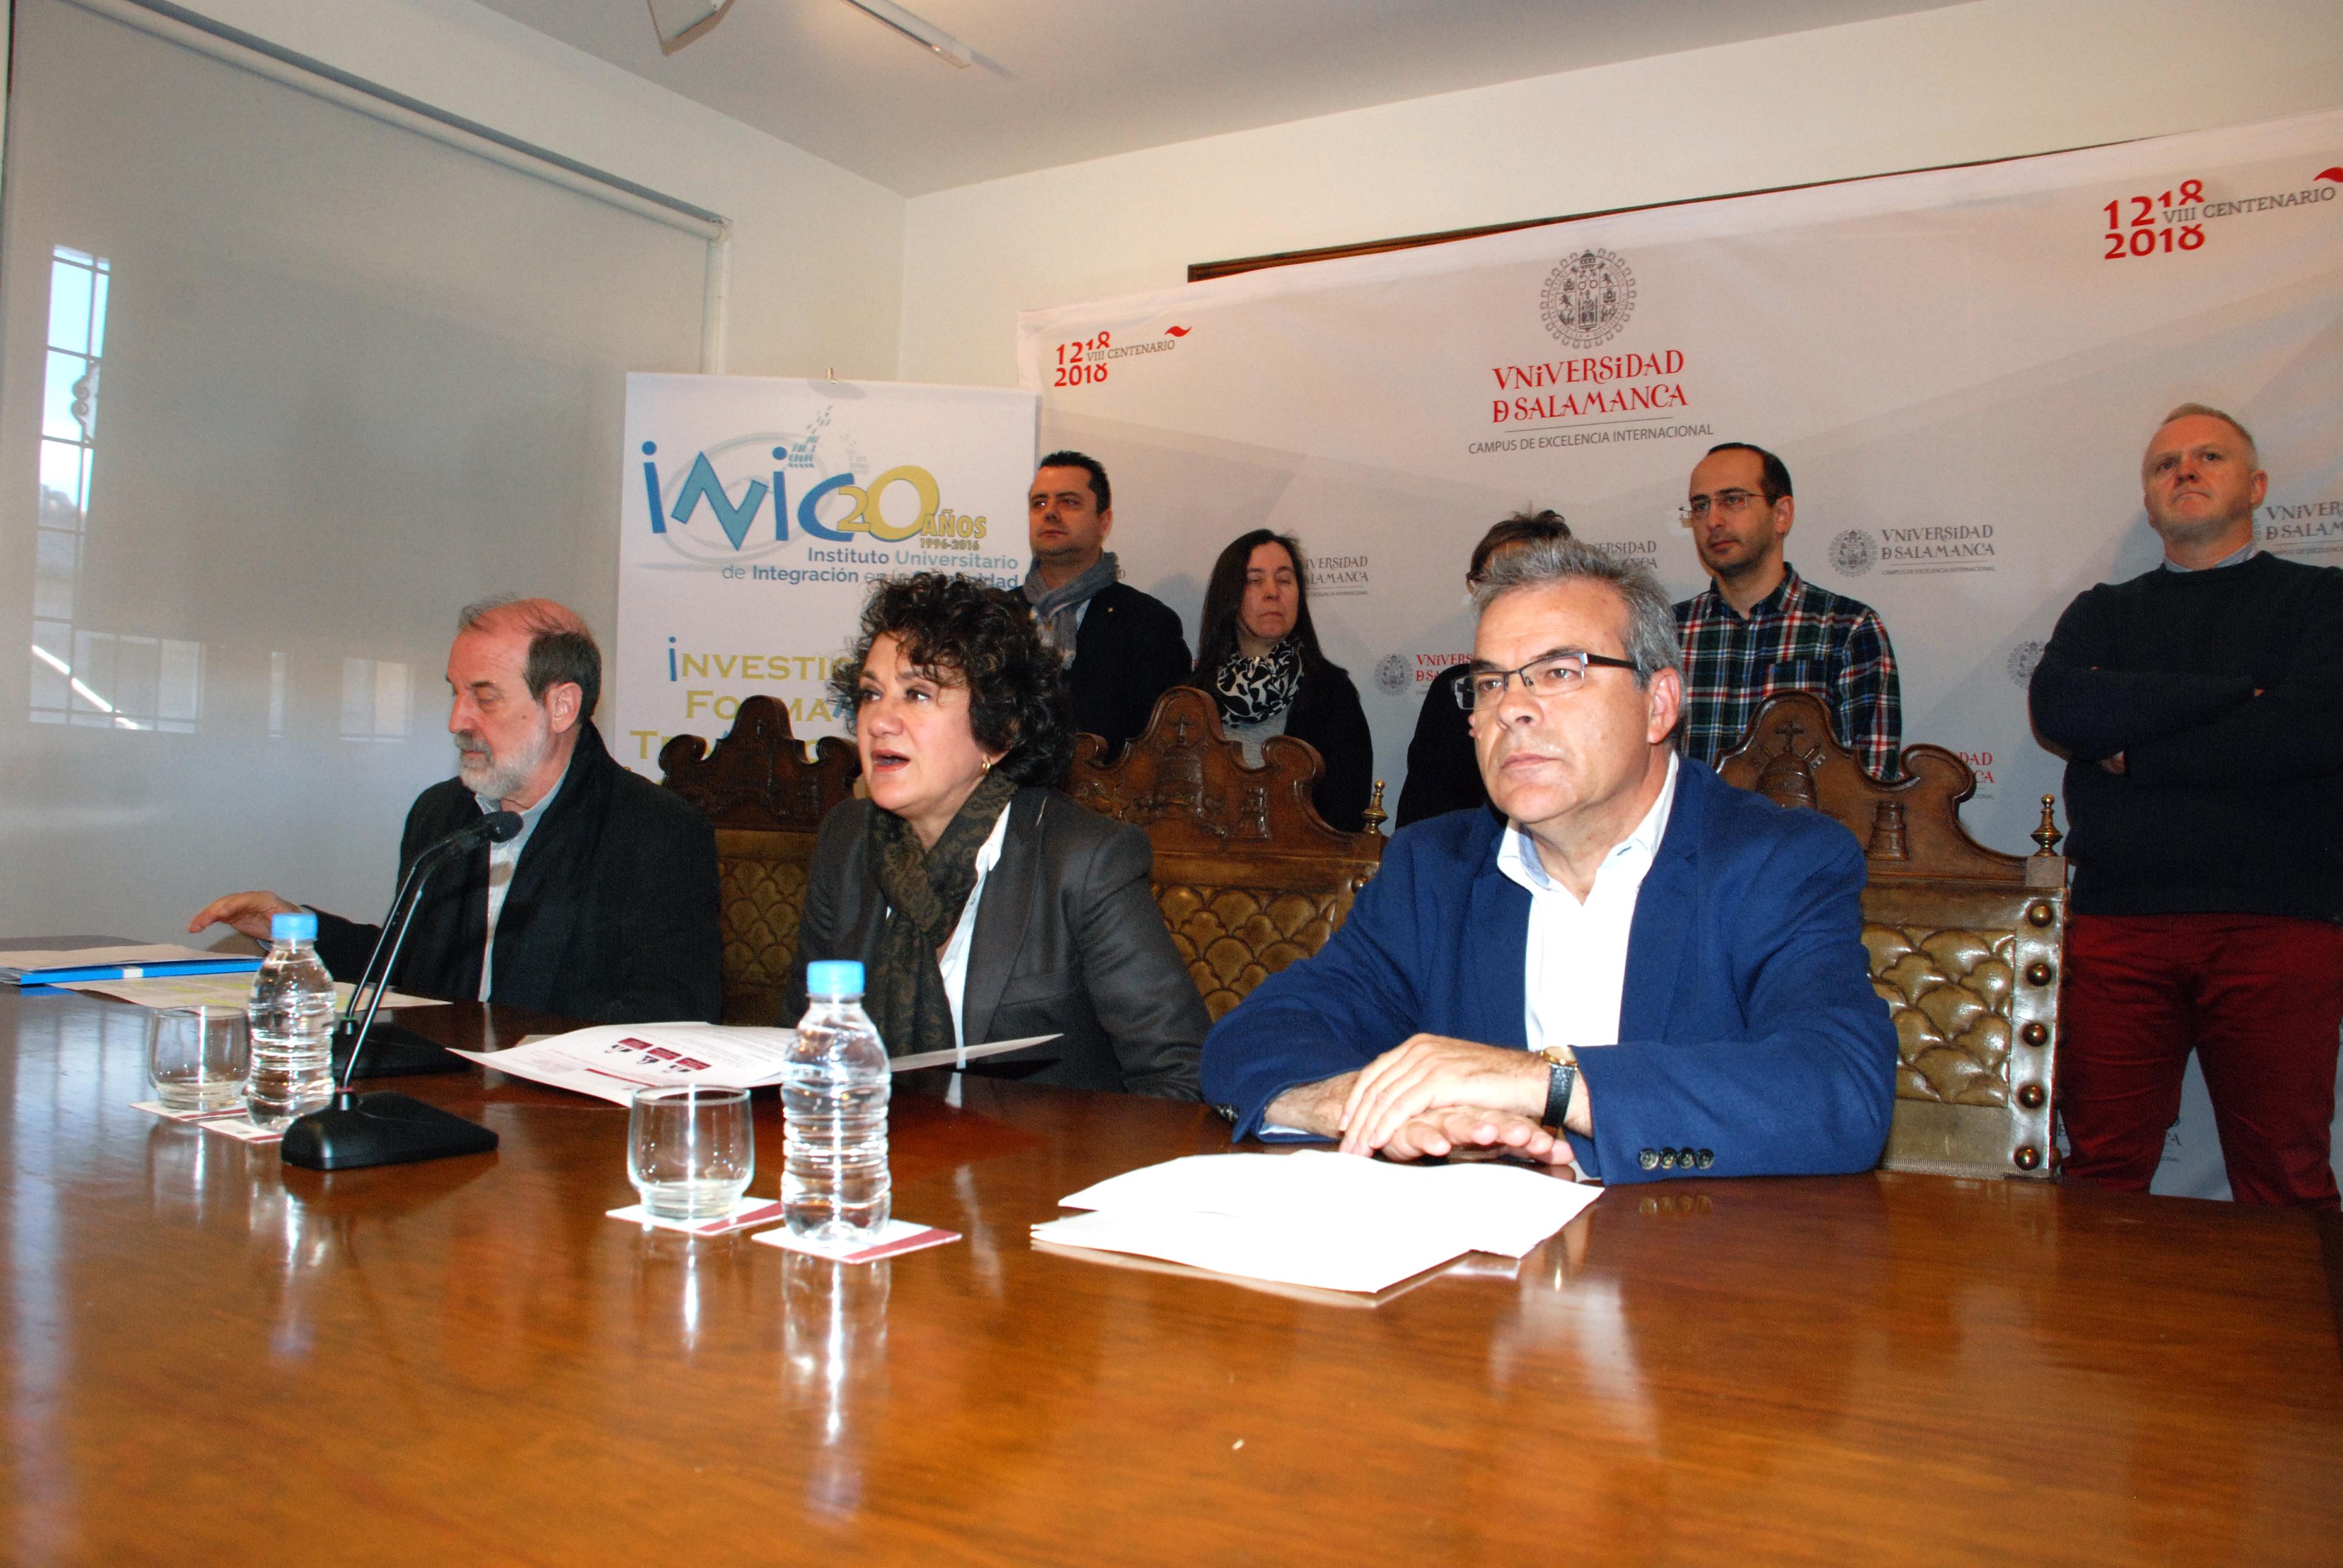 El Instituto de Integración en la Comunidad de la Universidad de Salamanca celebra el 20º aniversario de su fundación